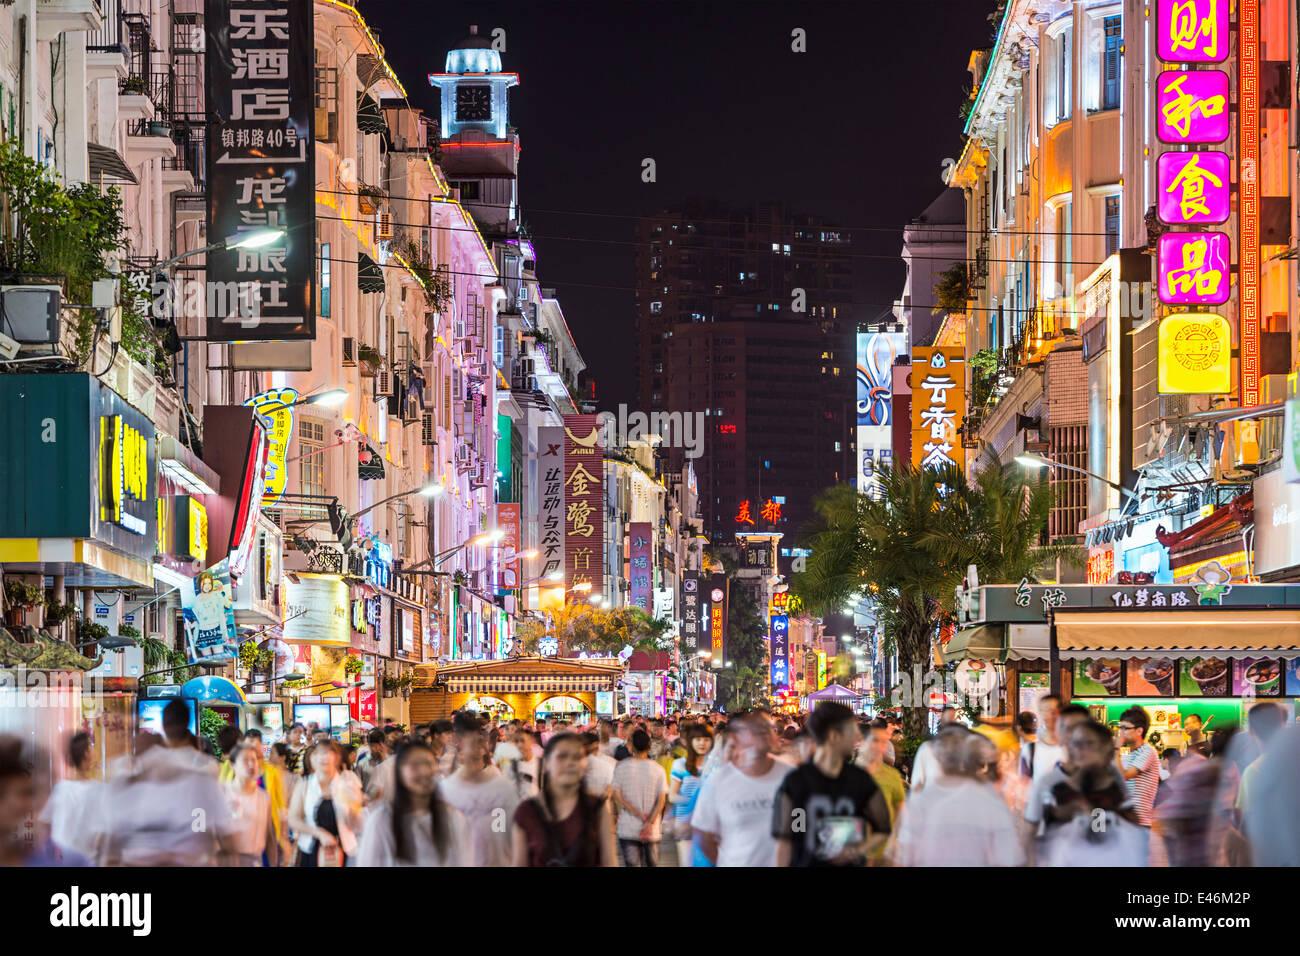 Zhongshan Straße, Xiamen, Fujian, China. Stockbild